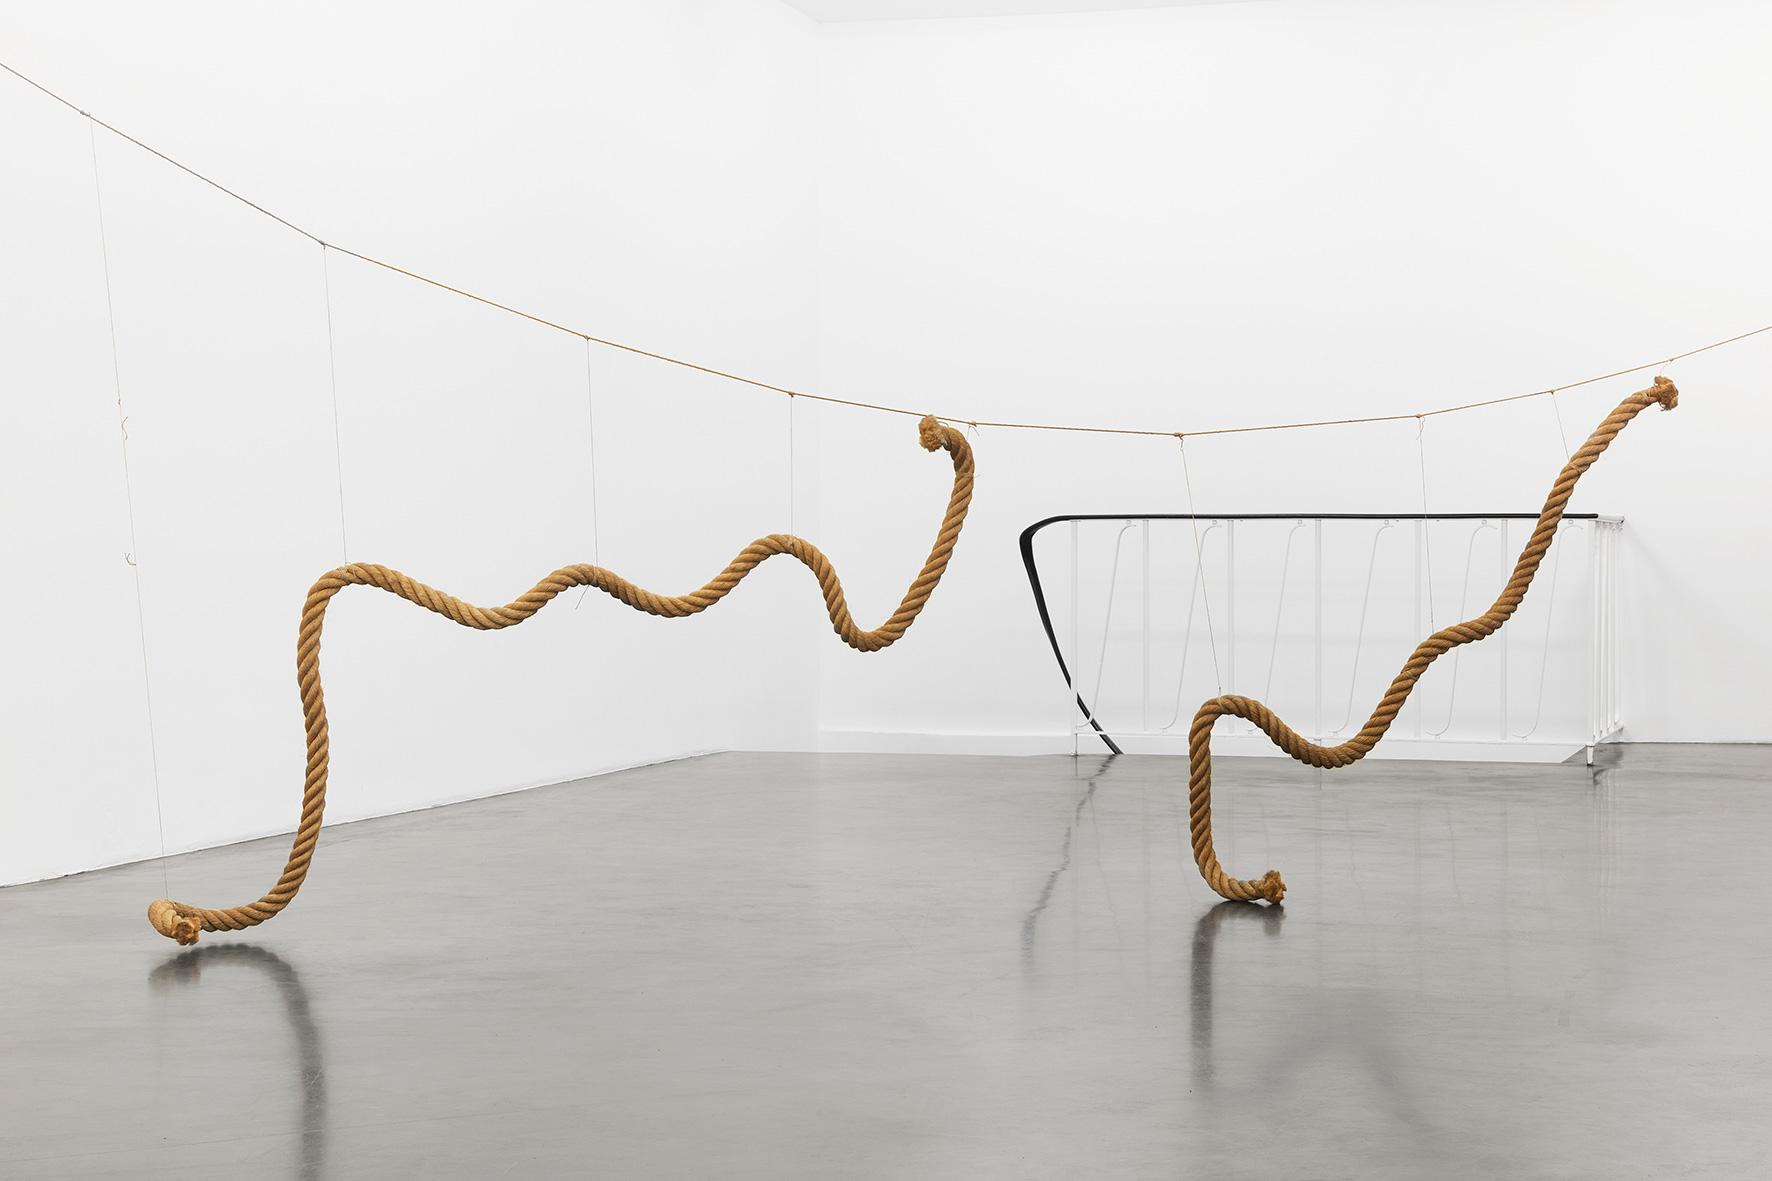 Ger van Elk_Rope Sculpture_1968_Markus Luettgen Gallery